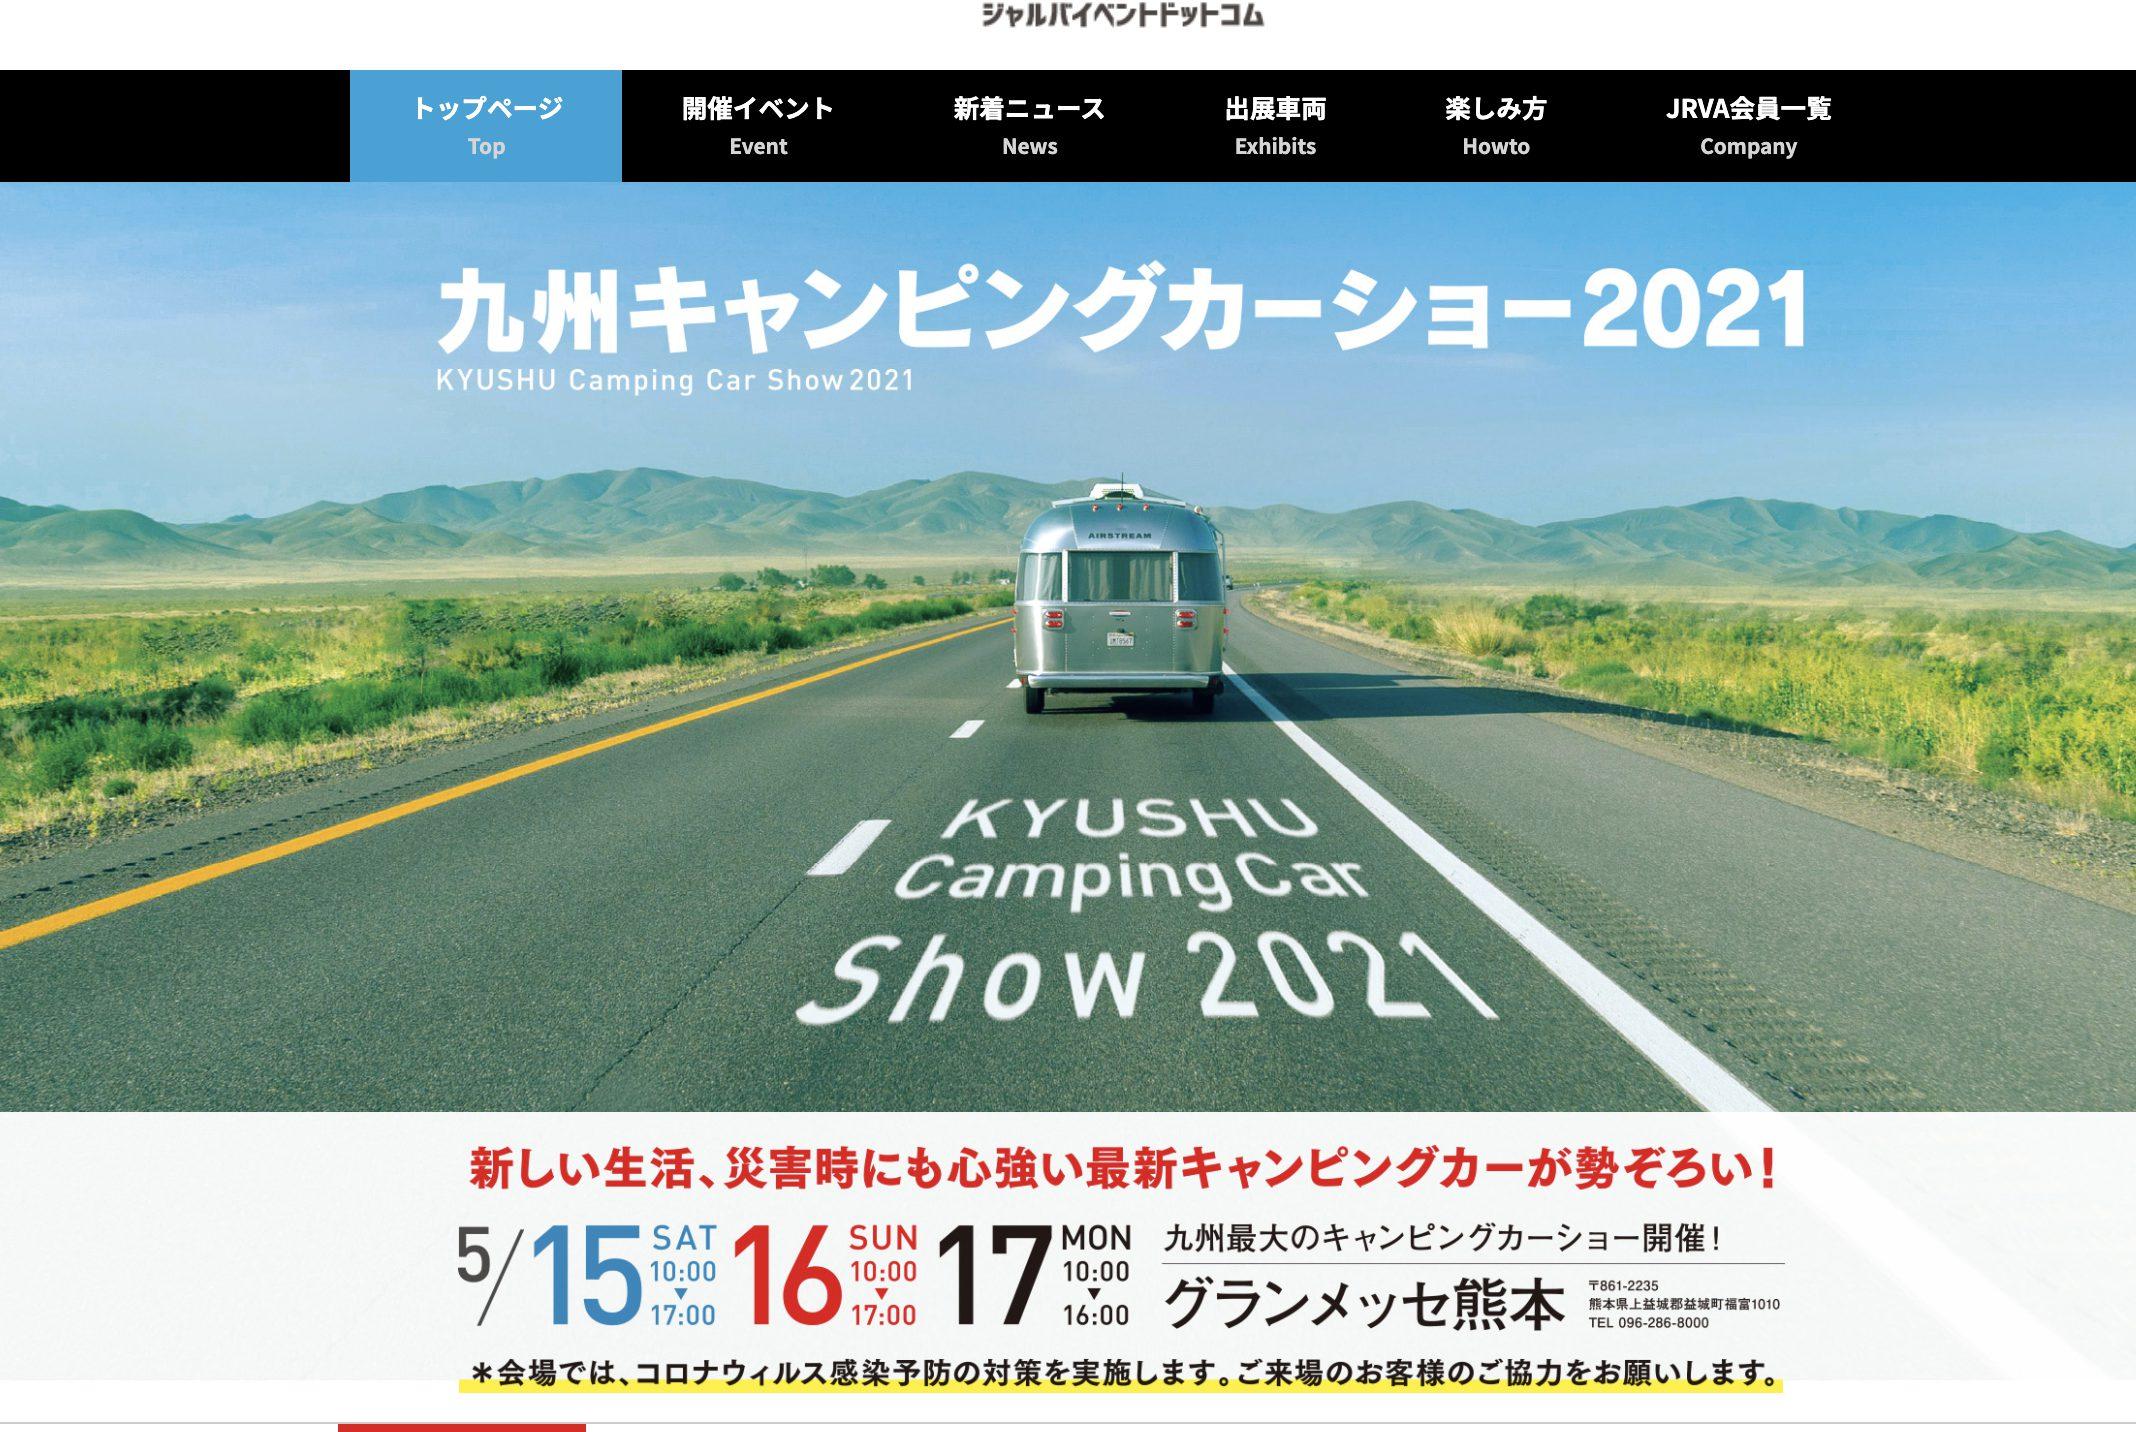 ホワイトハウス キャンパー福岡店は九州キャンピングカーショー 出店のため、14日金曜日〜17日月曜日まで臨時休業